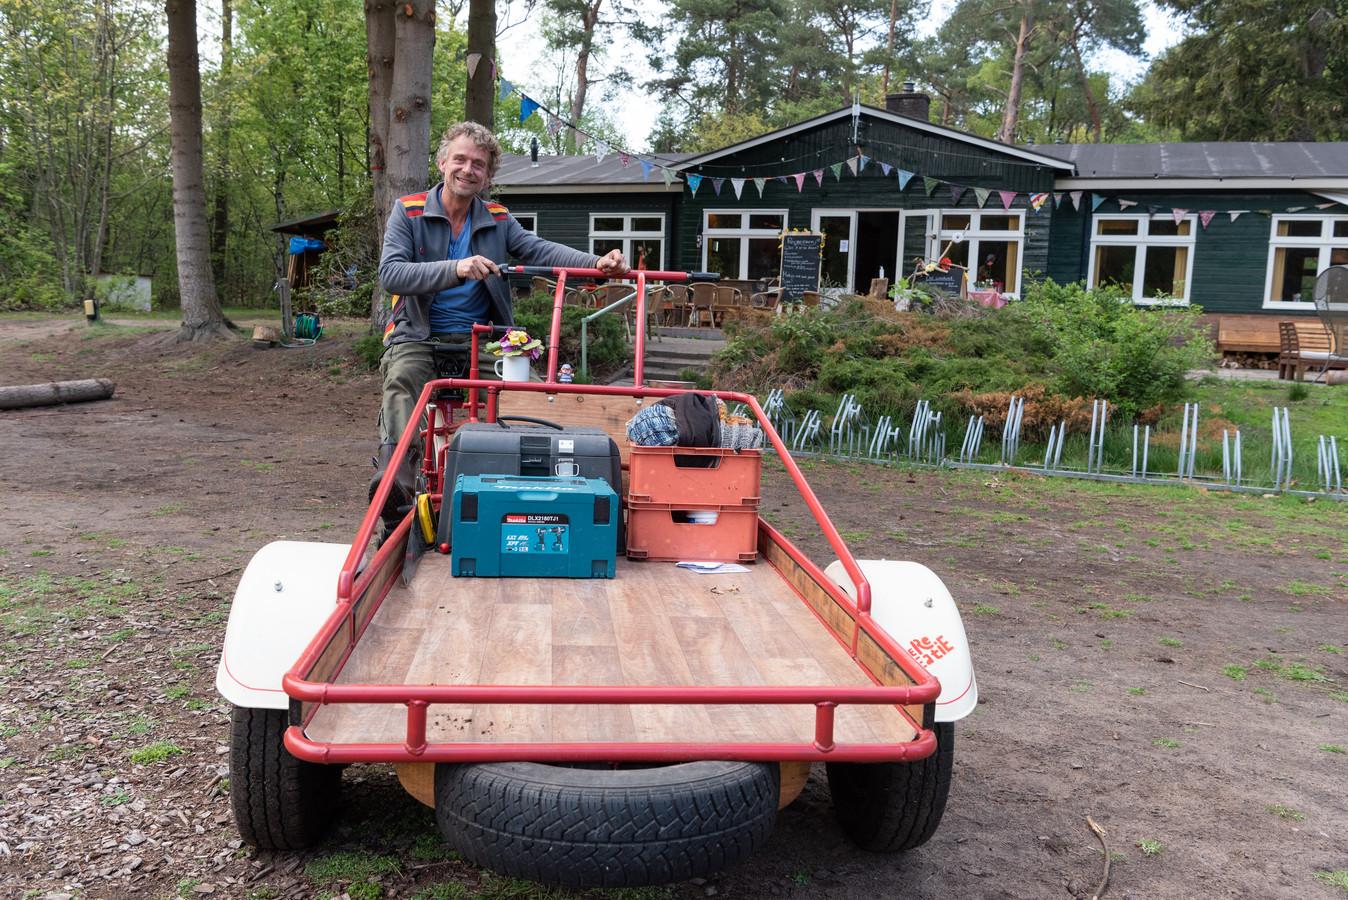 Beheerder Jan Hoogstraten van camping De ReCreatie in Leusden is ervan overtuigd dat de camping mag blijven bestaan.